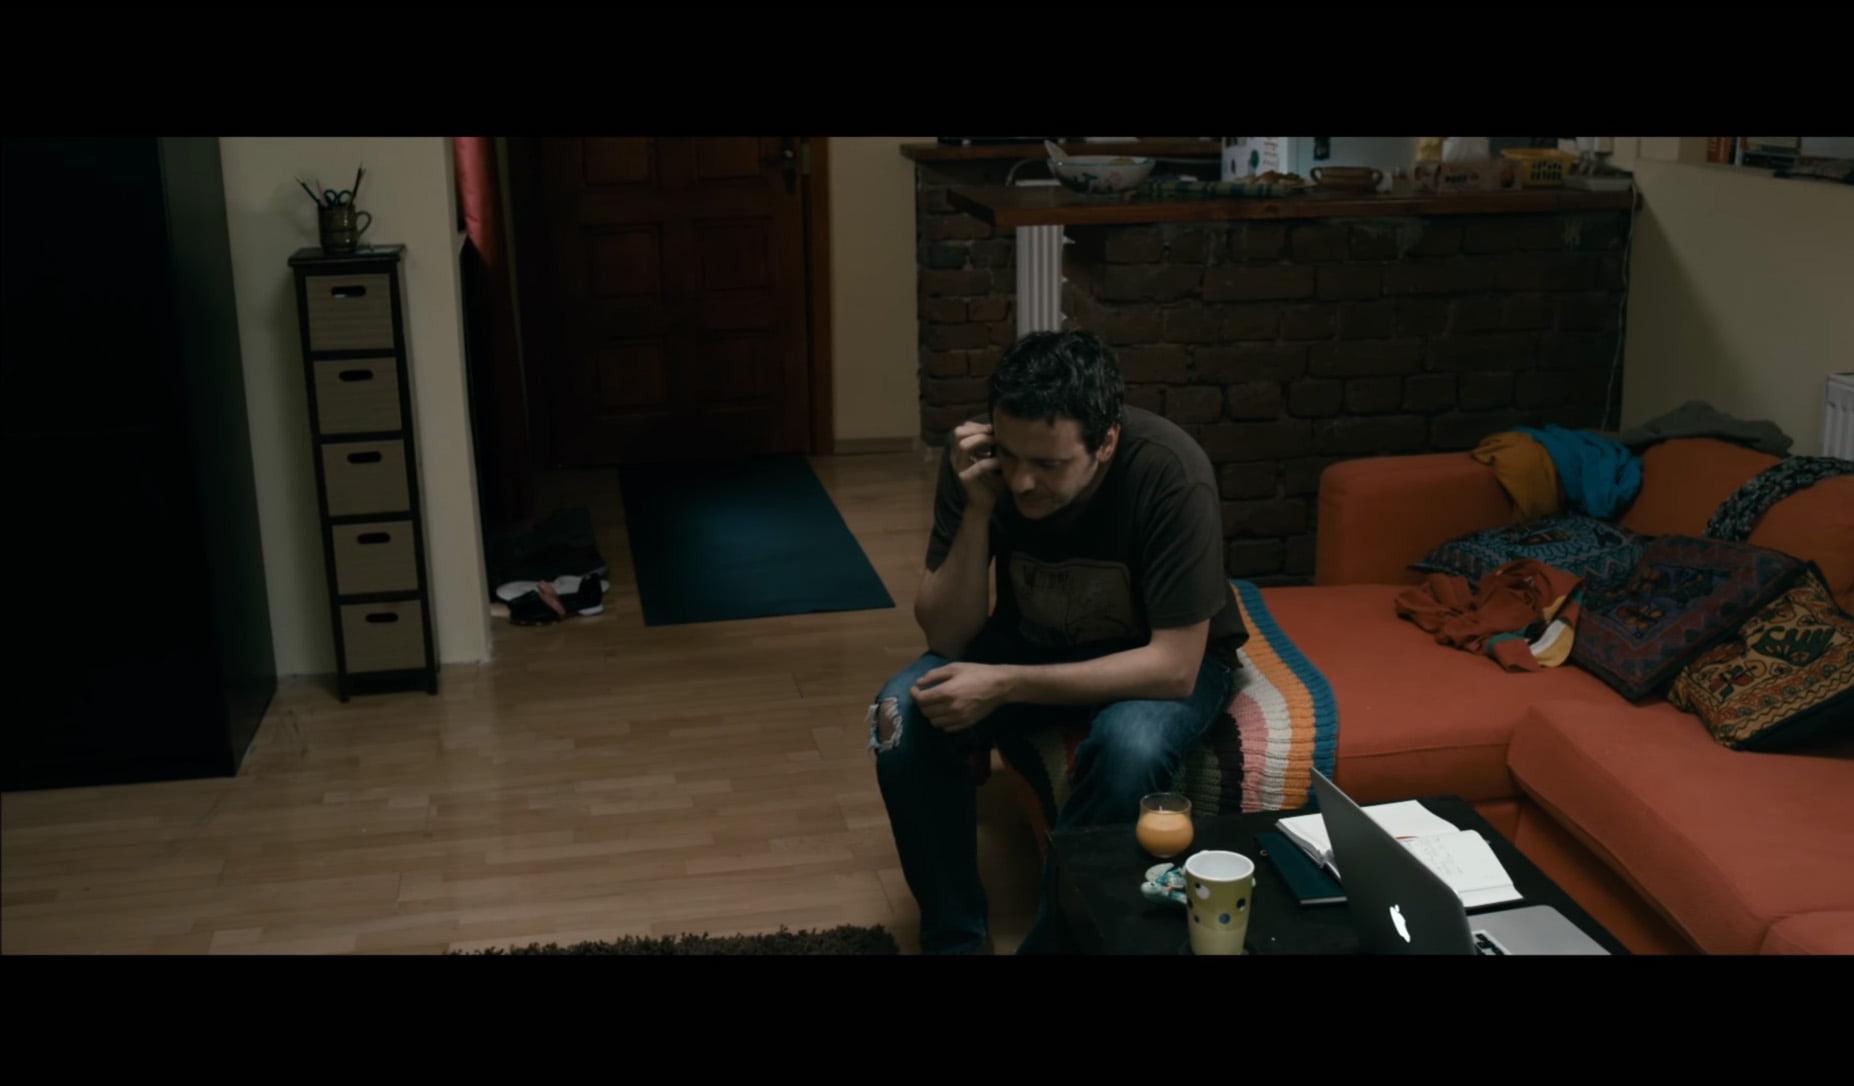 Din dragoste cu cele mai bune intentii - Adrian Sitaru - 2011